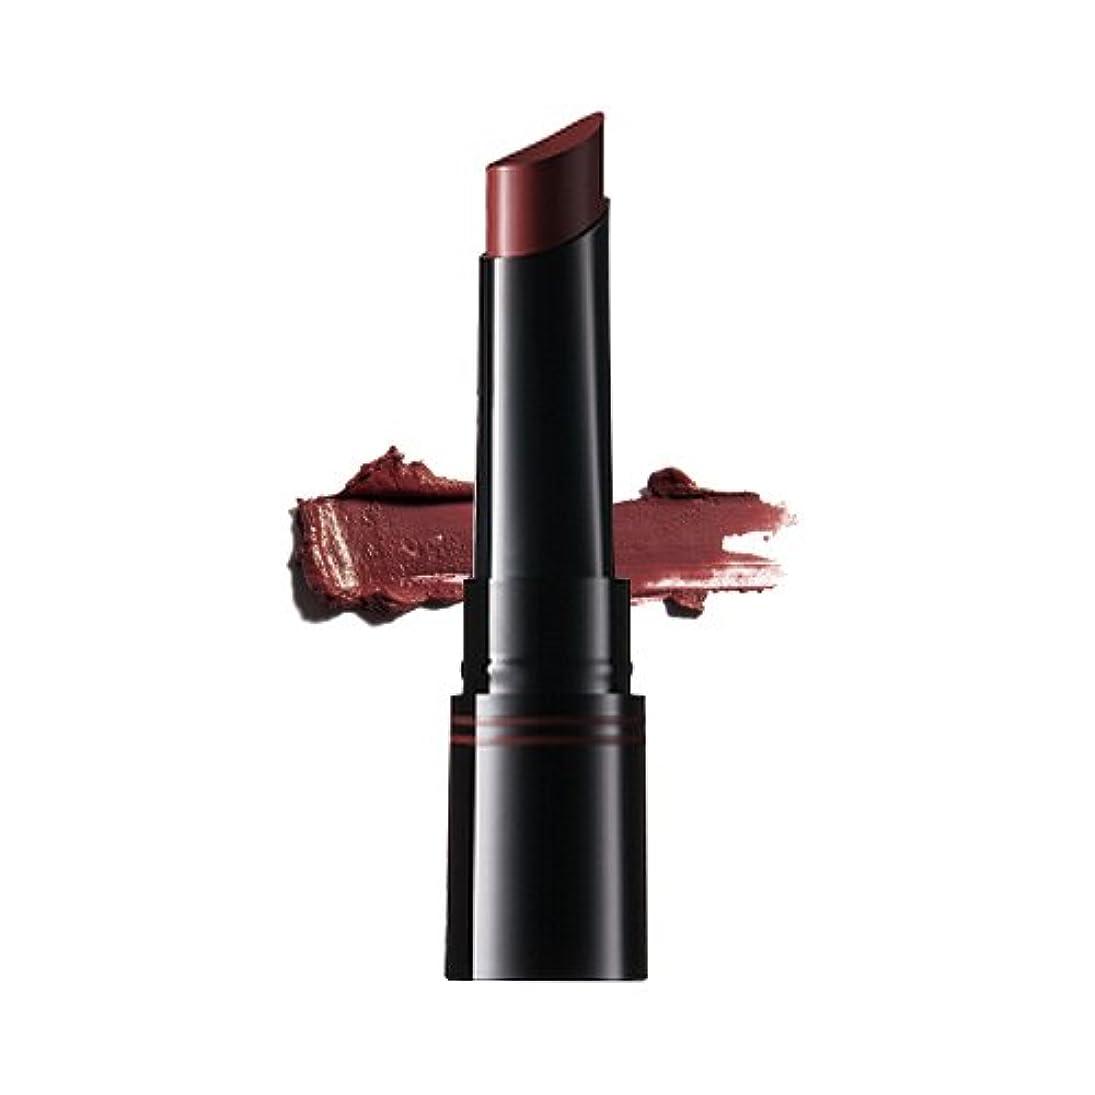 癌カロリー練習[New] TONYMOLY Perfect Lips Curving Lip Stick 2.5g/トニーモリー パーフェクト リップス カービング リップスティック 2.5g (#10 Crimson Red) [並行輸入品]